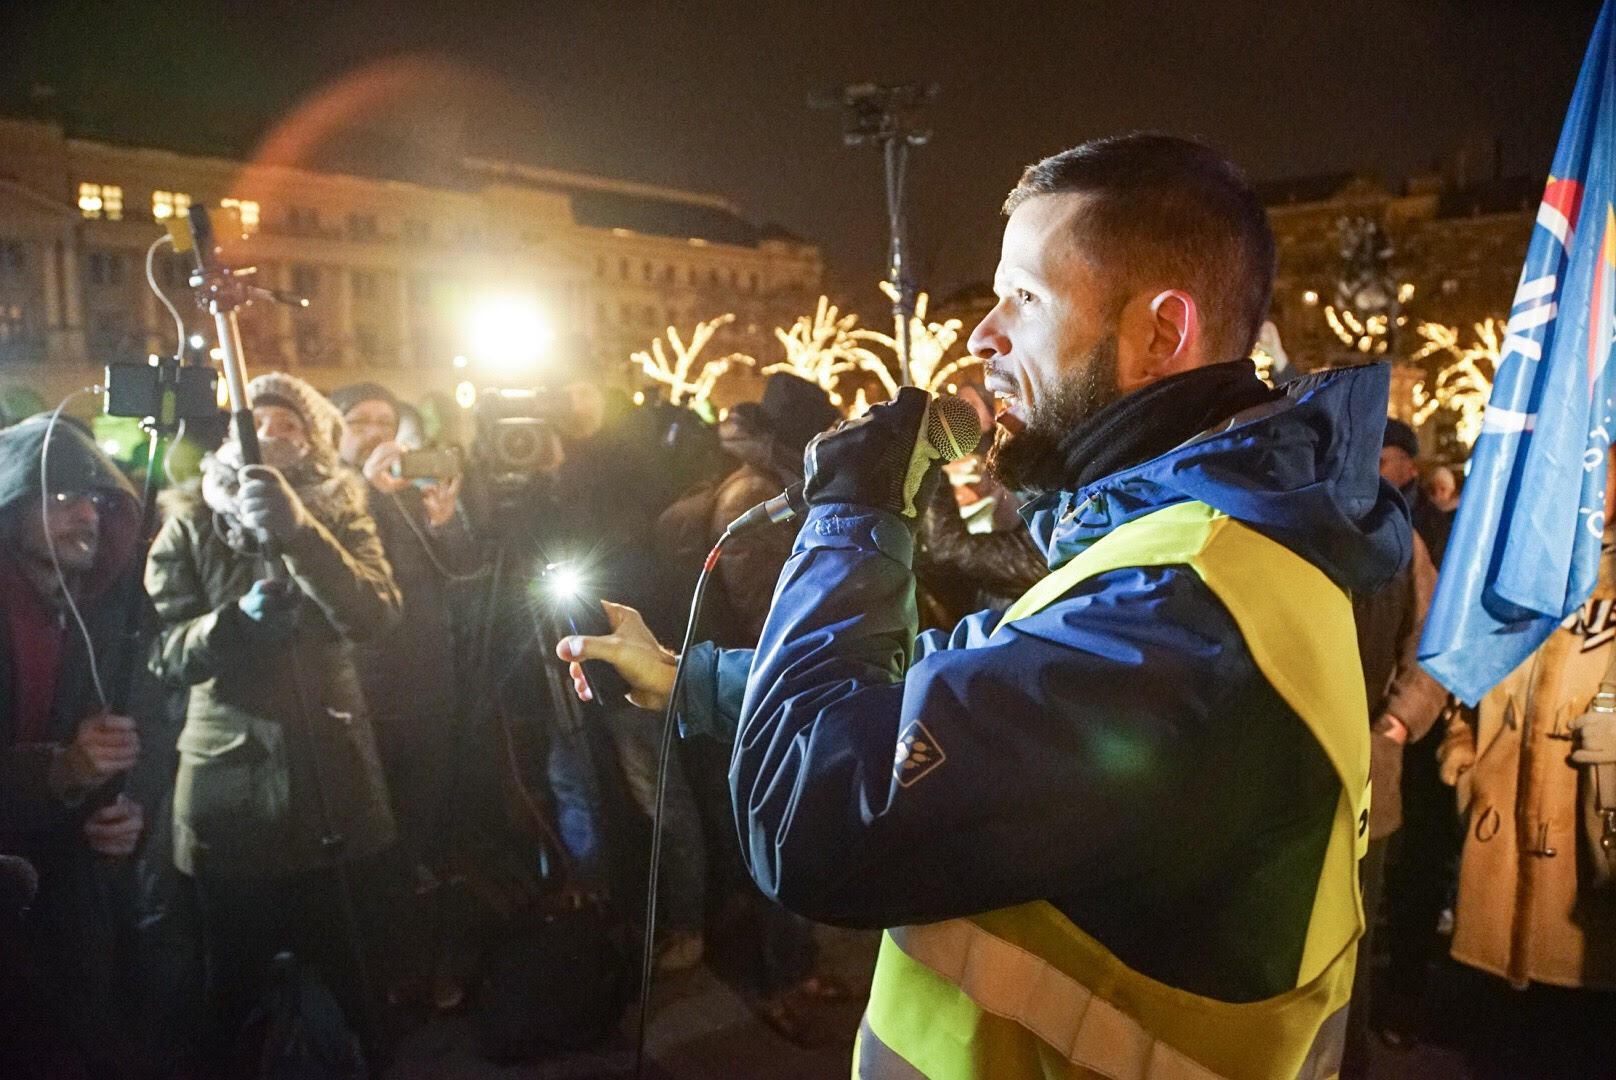 """Tordai Bence a tüntetésen: """"Az új ellenzéket a rendőrség gumibotjai kovácsolják össze"""""""